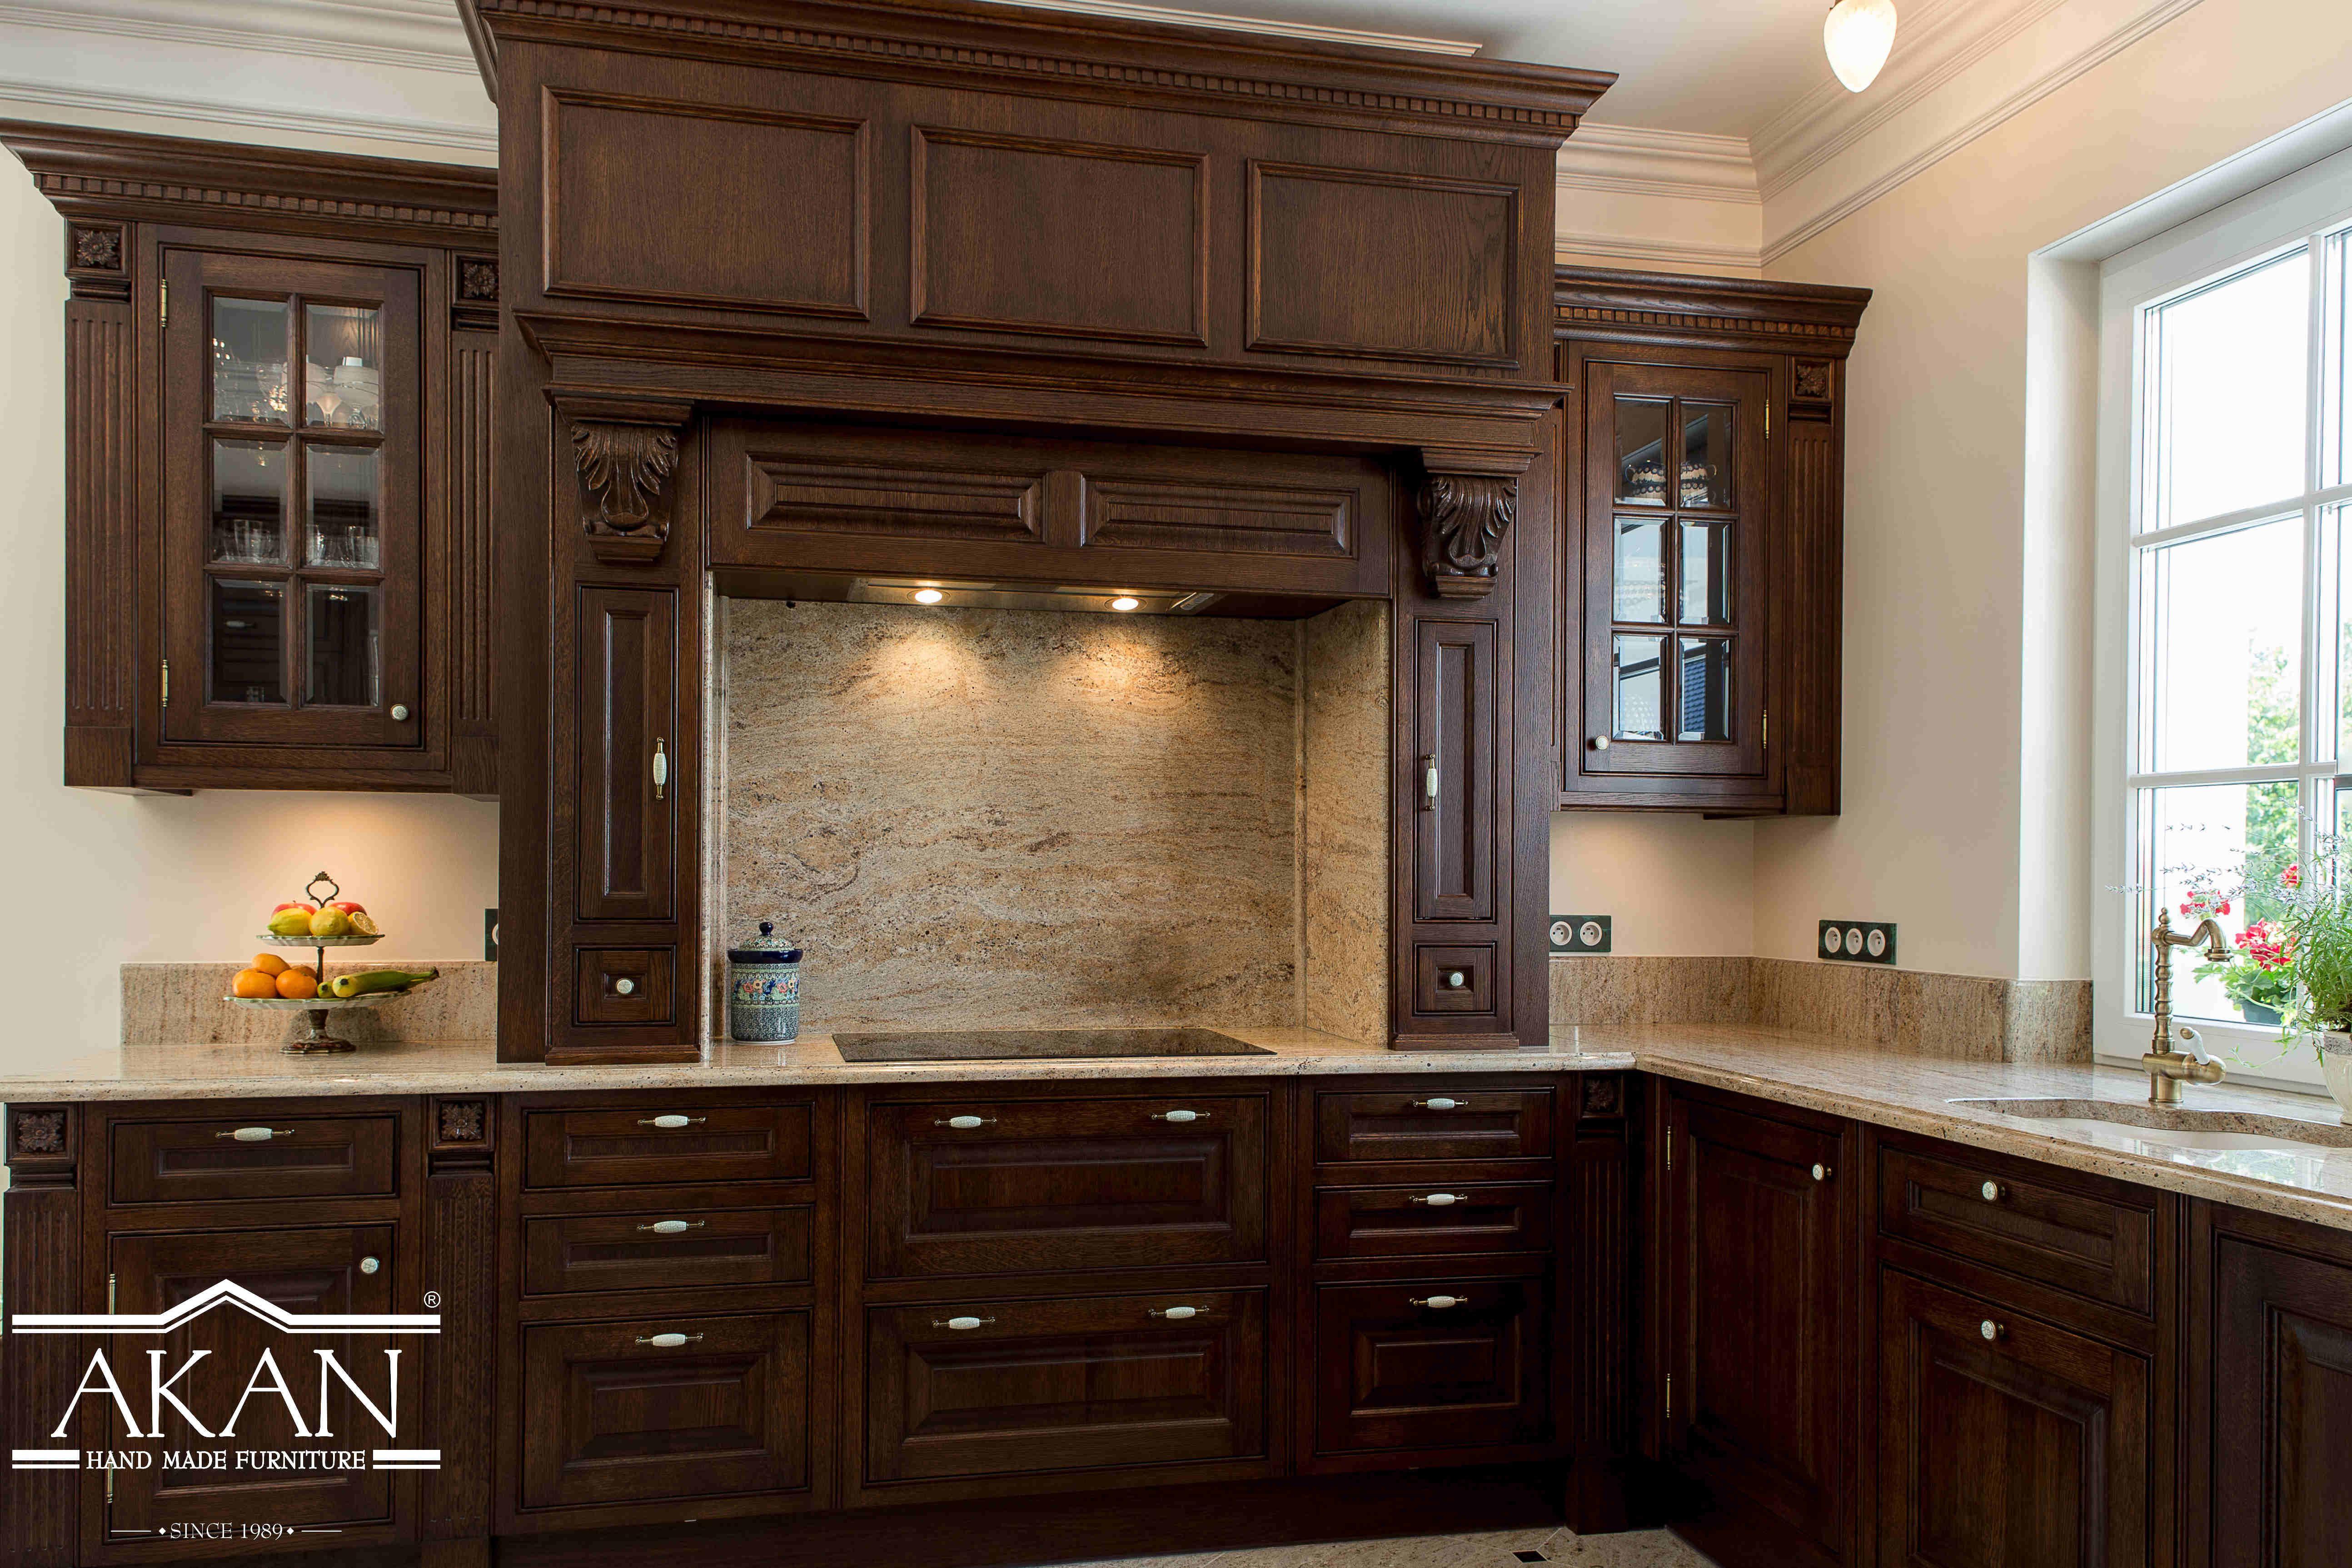 Ciemne Meble W Kuchni Jak Je Zestawiac 6 Pomyslow Kuchnie Zdjecia Home Home Decor Kitchen